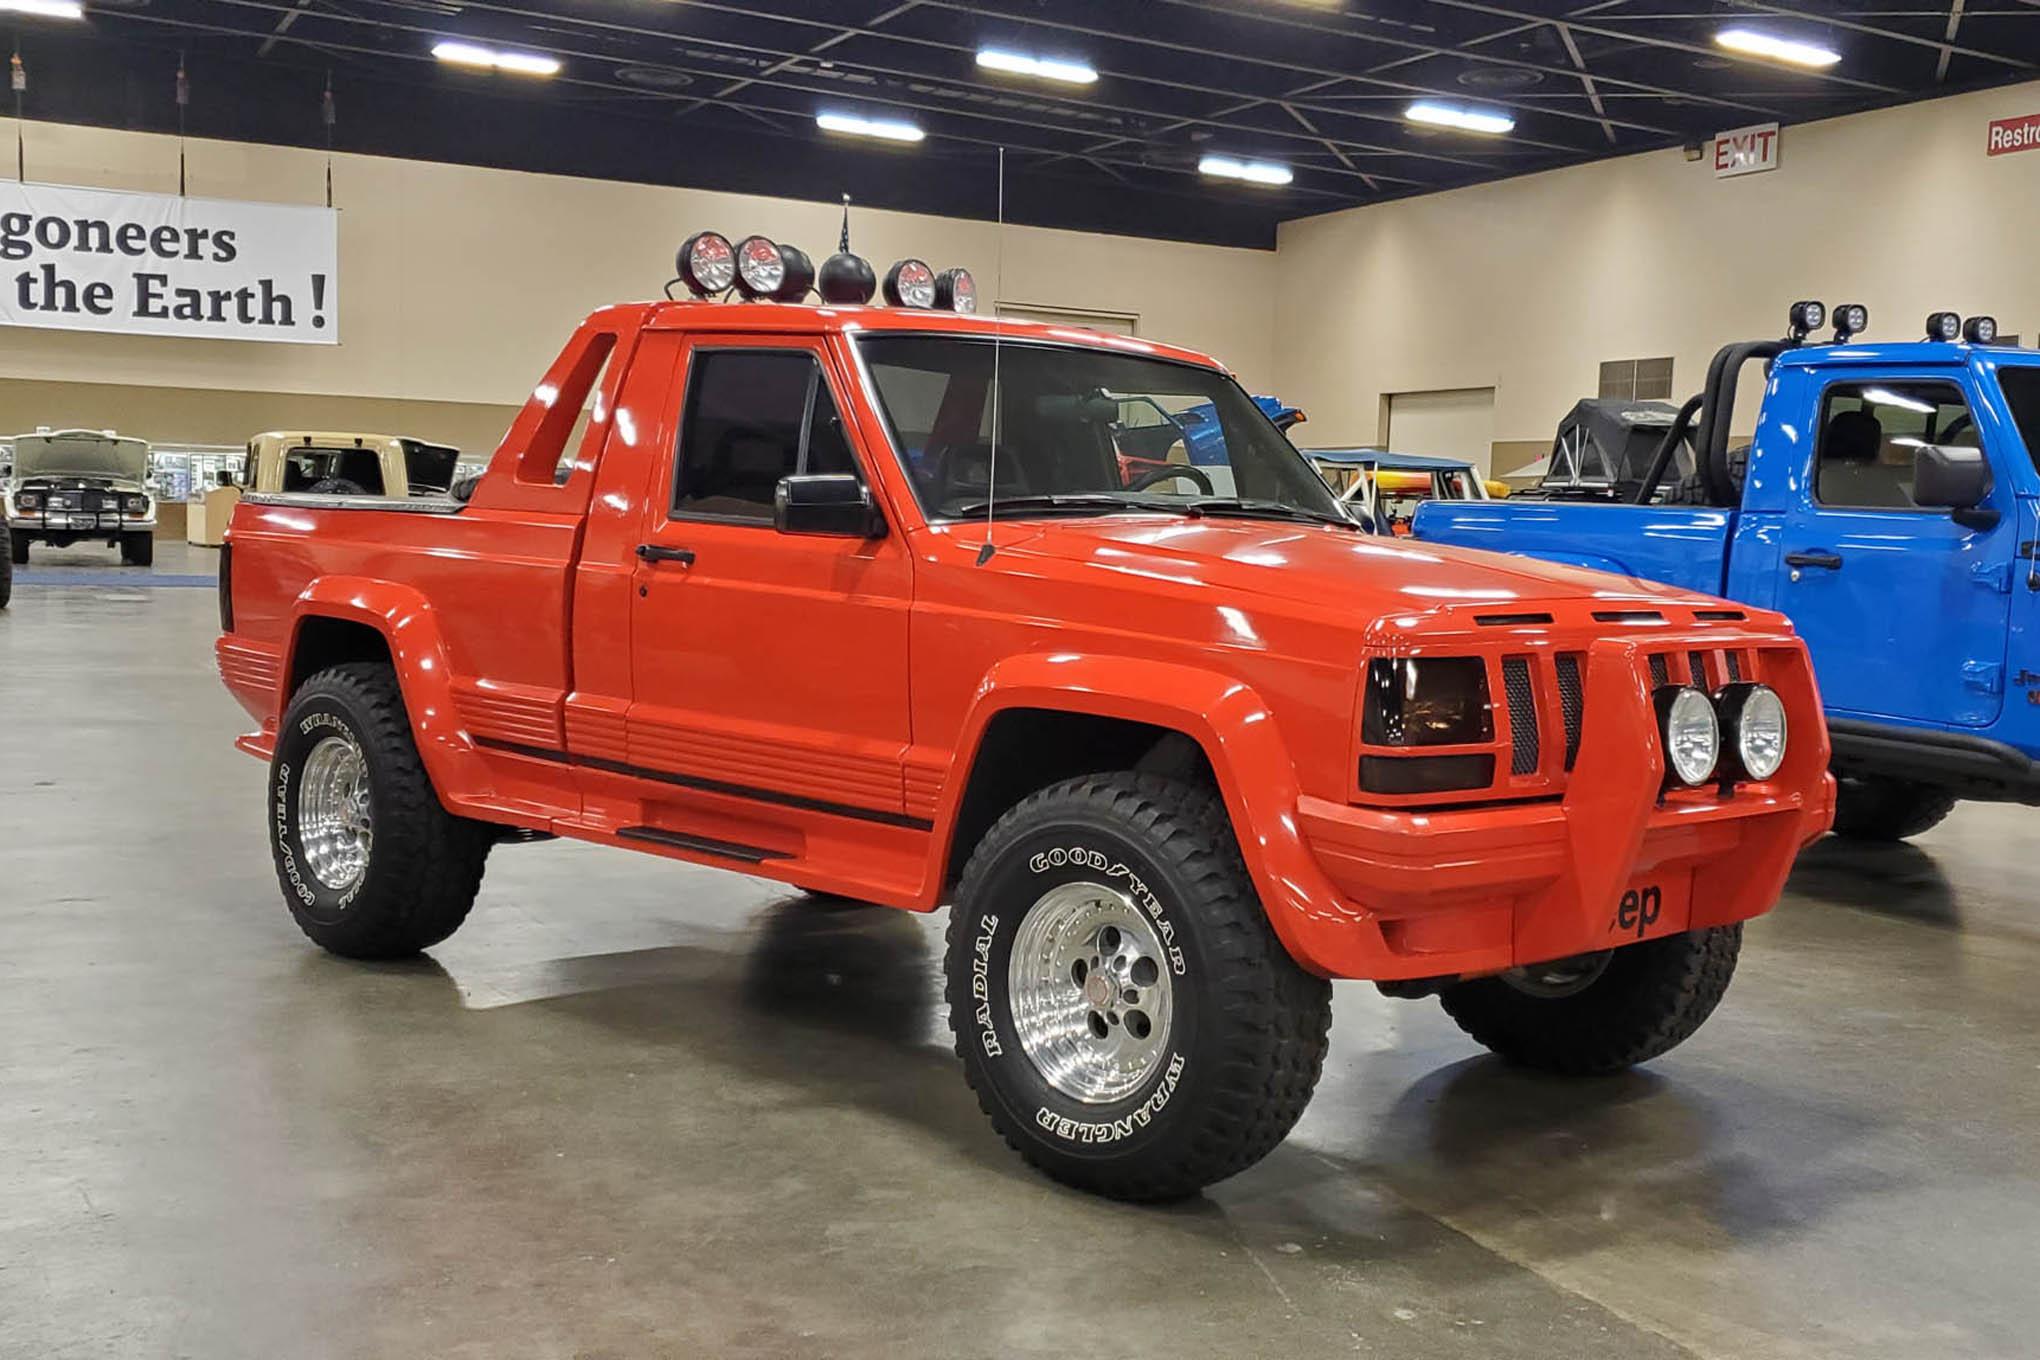 011 toledo jeep fest seagate thunder comanche concept